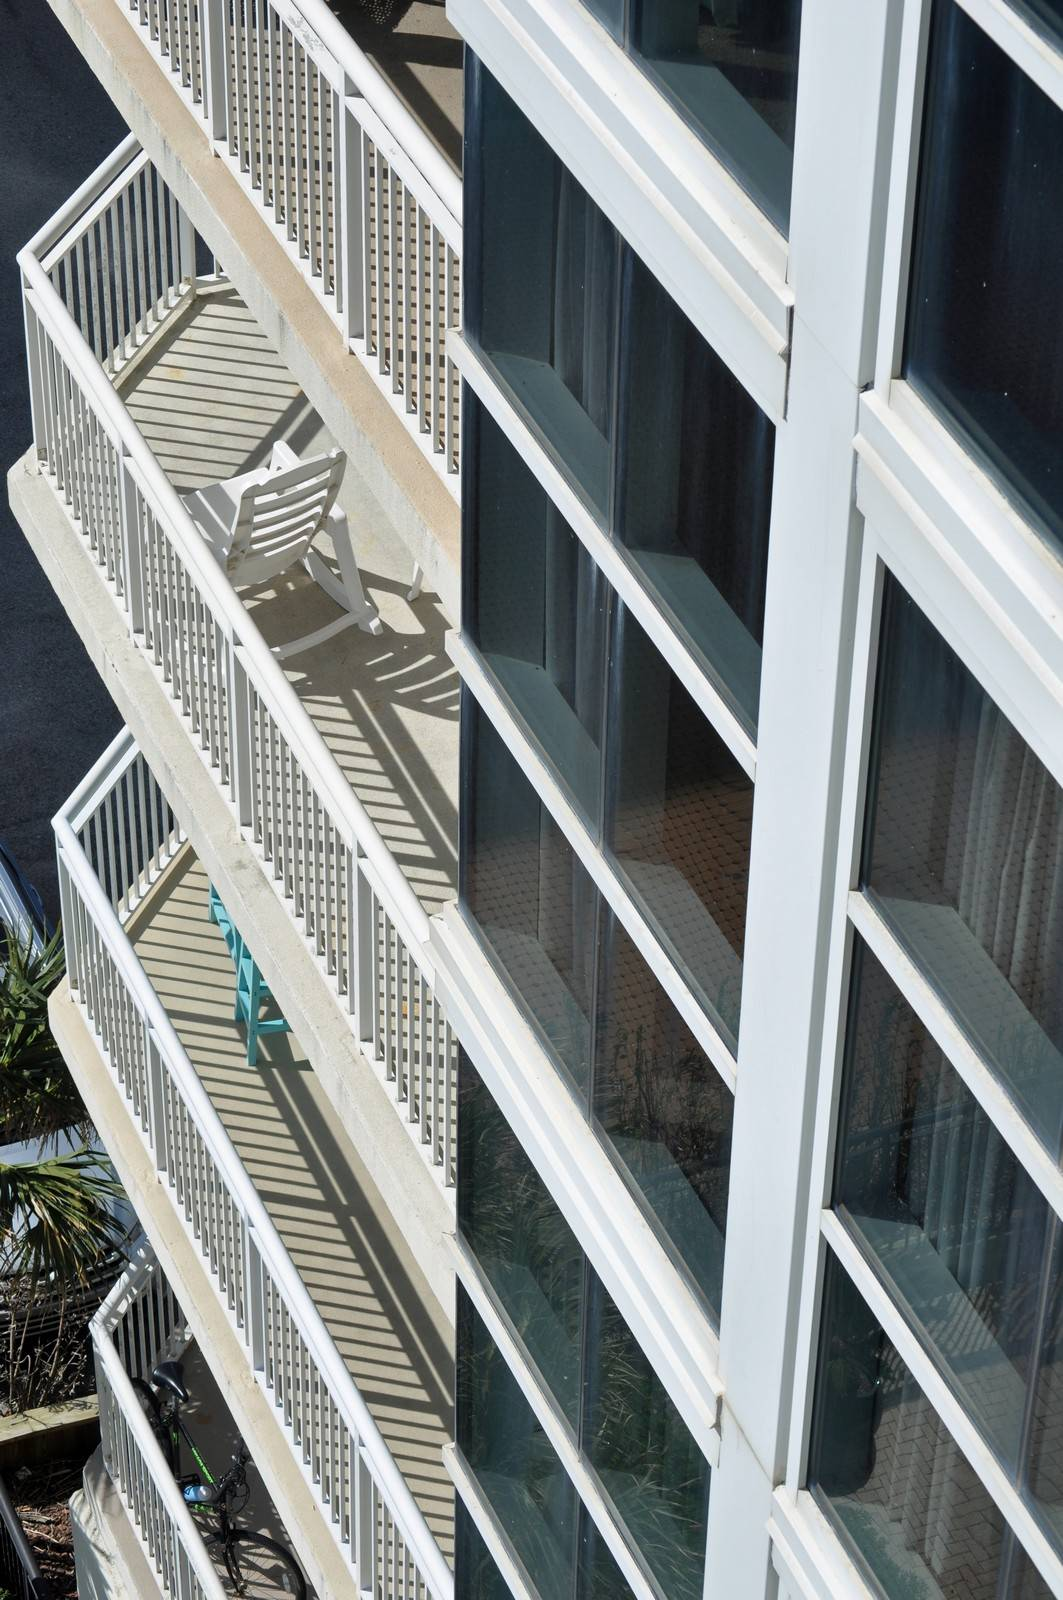 Perdido Key Balcony 3